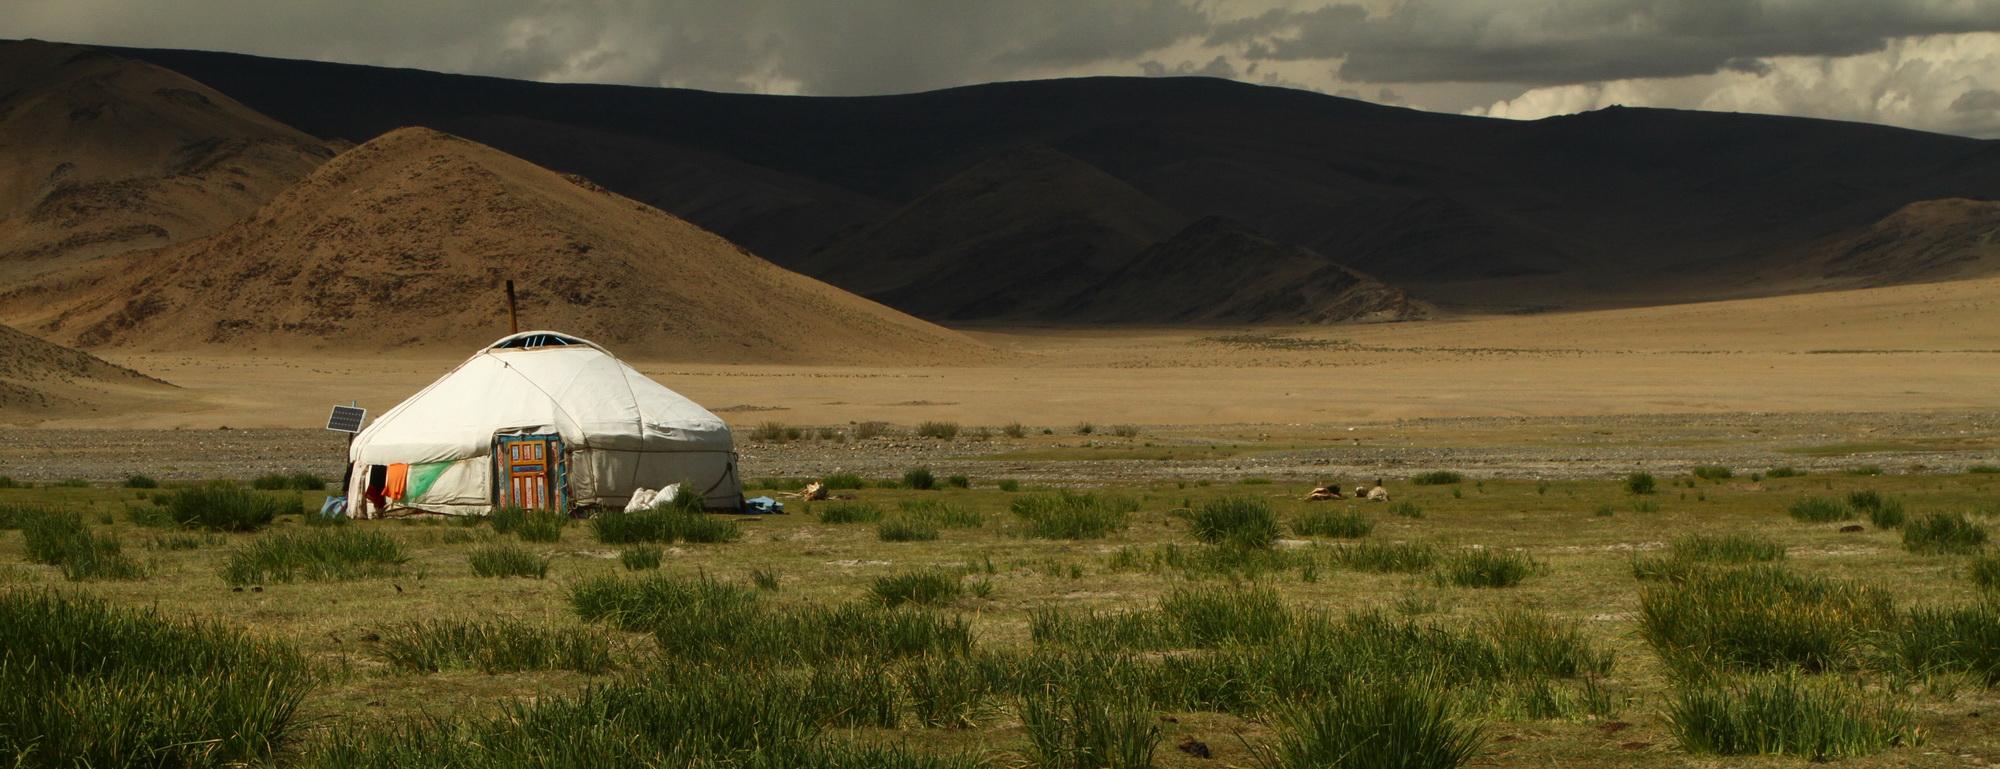 Mongolia_IMG_1279_∏ Luca Bracali